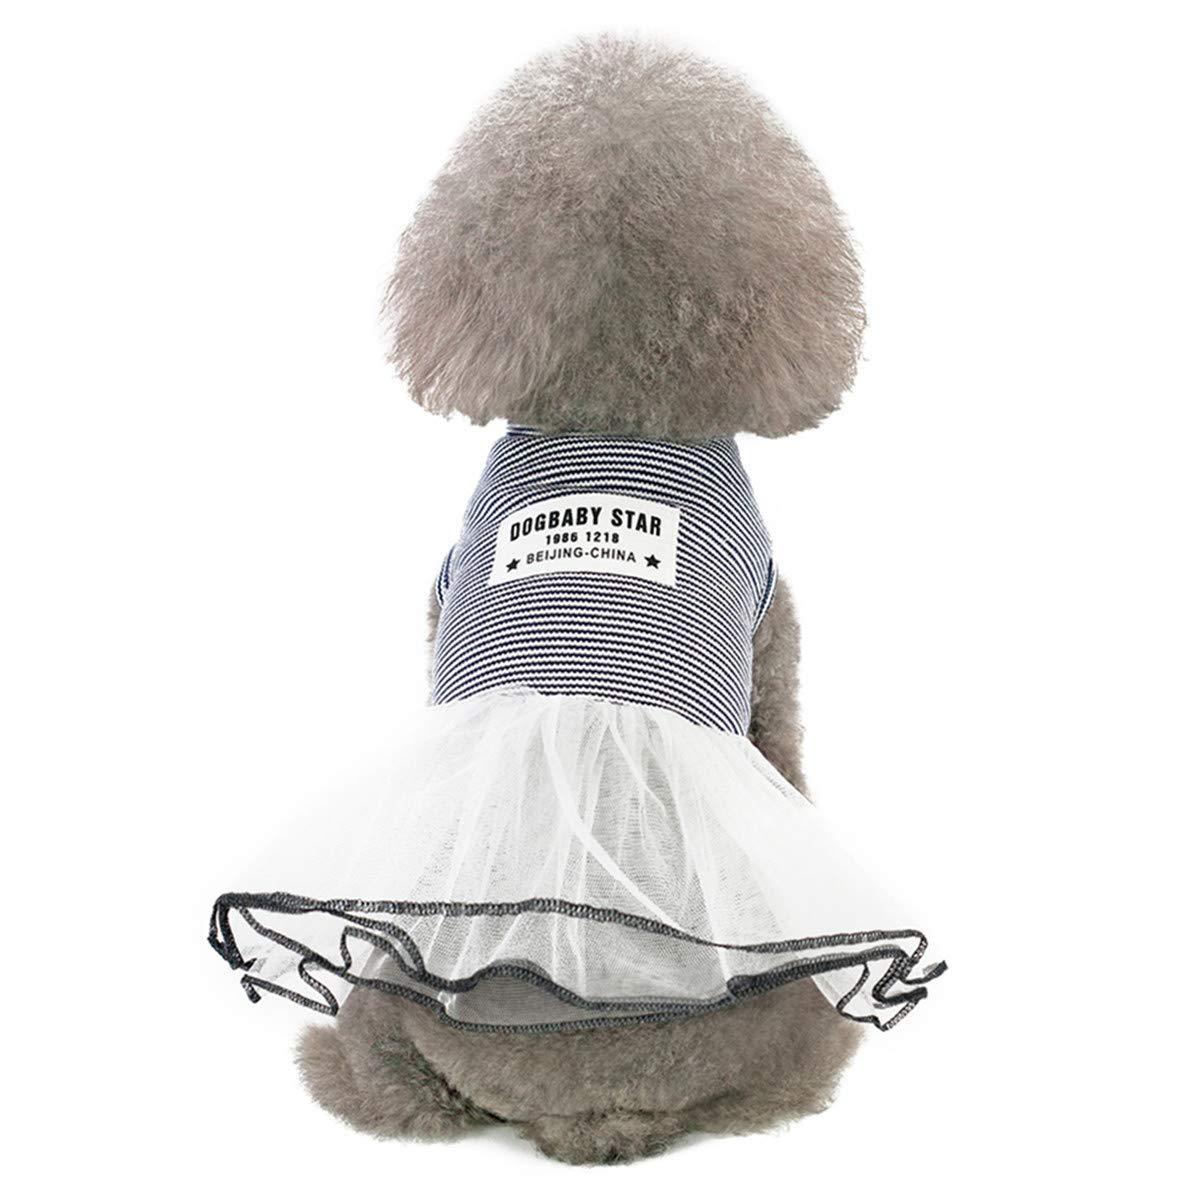 Pet Heroic Cuccioli Cane Gatto Vestiti Estate Cane Cucciolo Vestitini Maglia Gonna Abiti Rosa Grigio Righe Colori Richiamo Solo per Piccoli Cani e Gatti Cuccioli Femmine Peso 0.6-6KGS